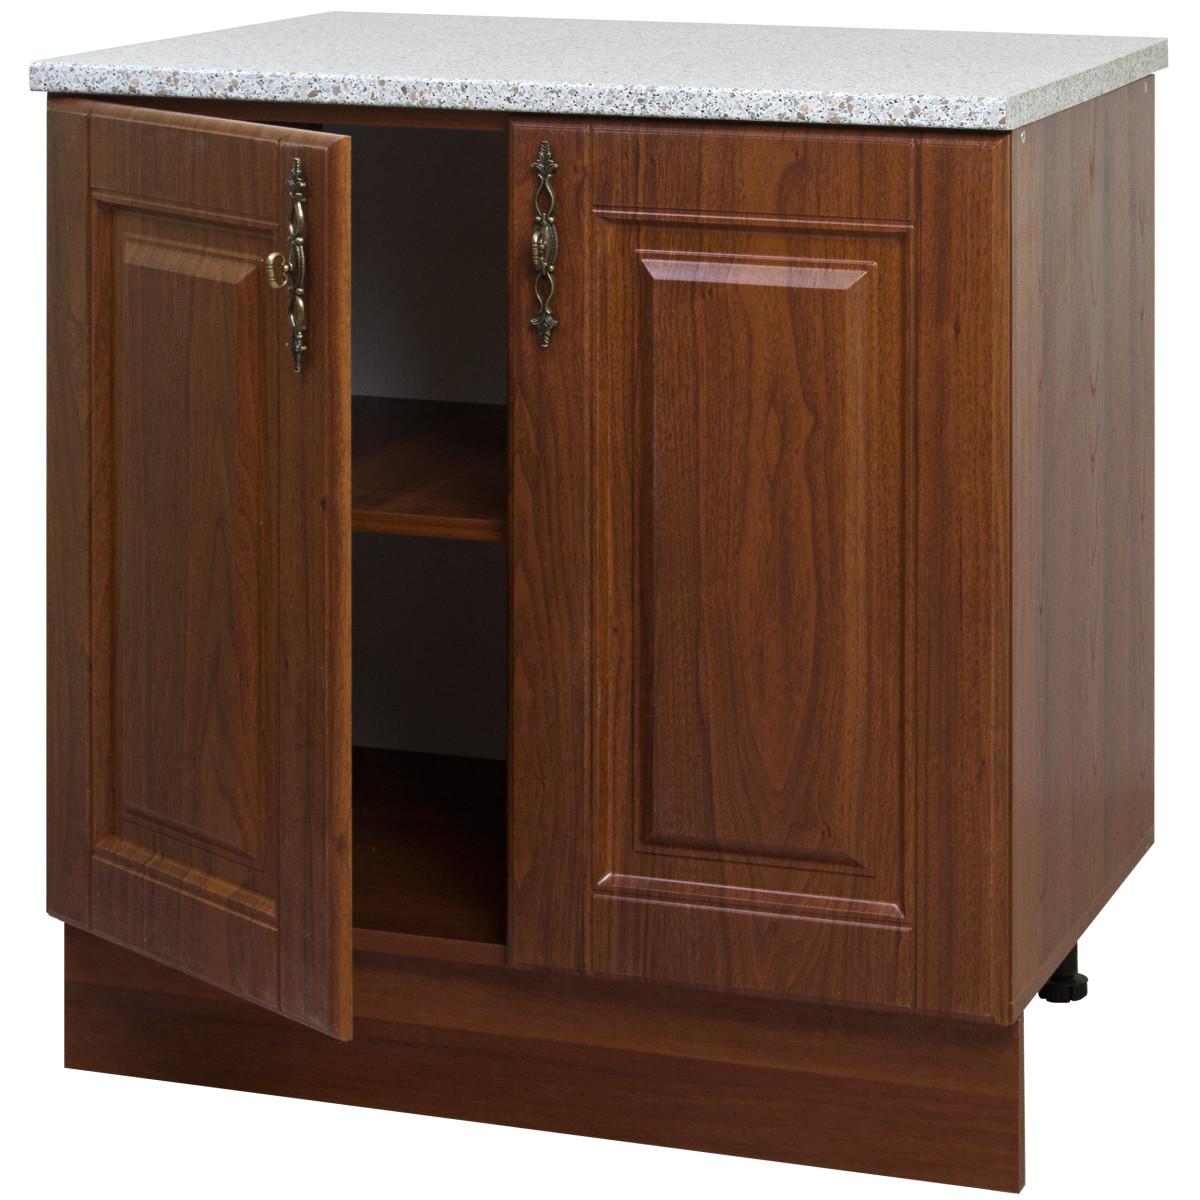 Шкаф напольный Орех 80х83.7х60 см цвет темный орех